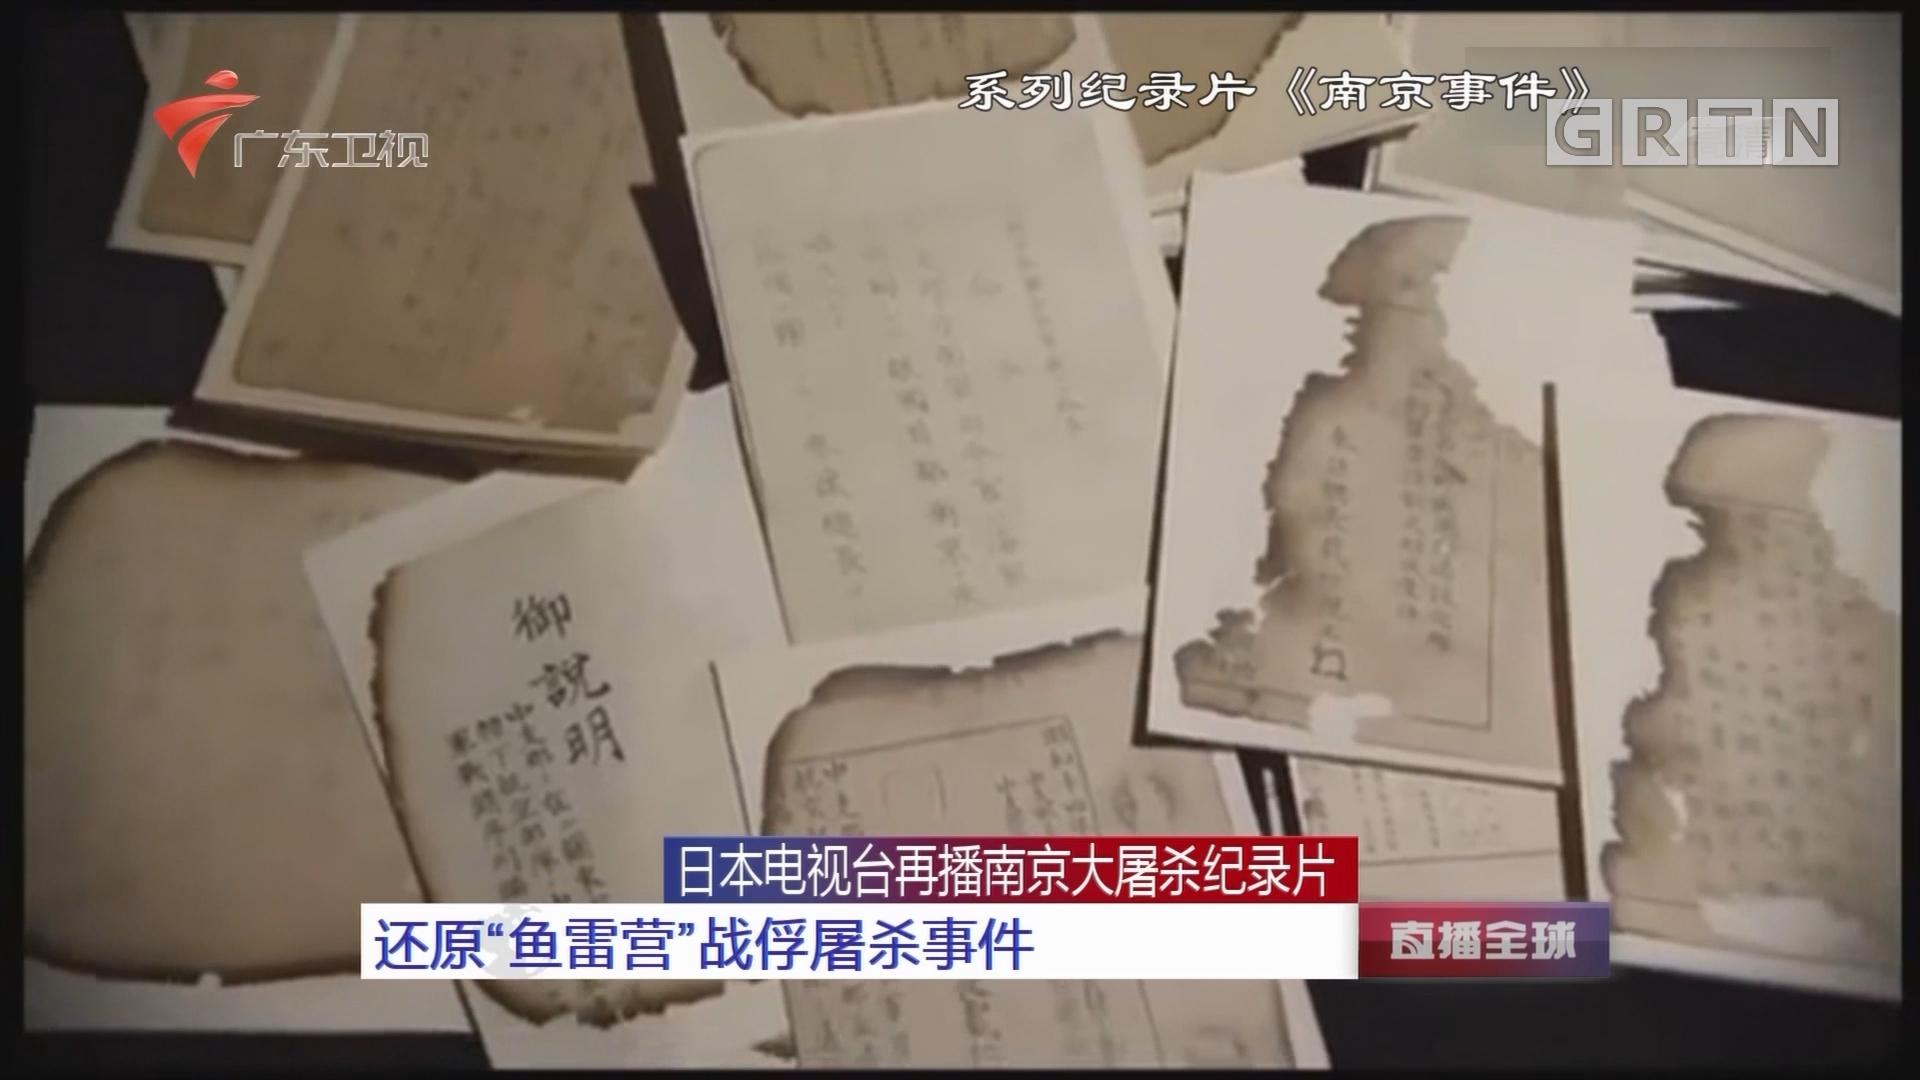 """日本电视台再播南京大屠杀纪录片 还原""""鱼雷营""""战俘屠杀事件"""